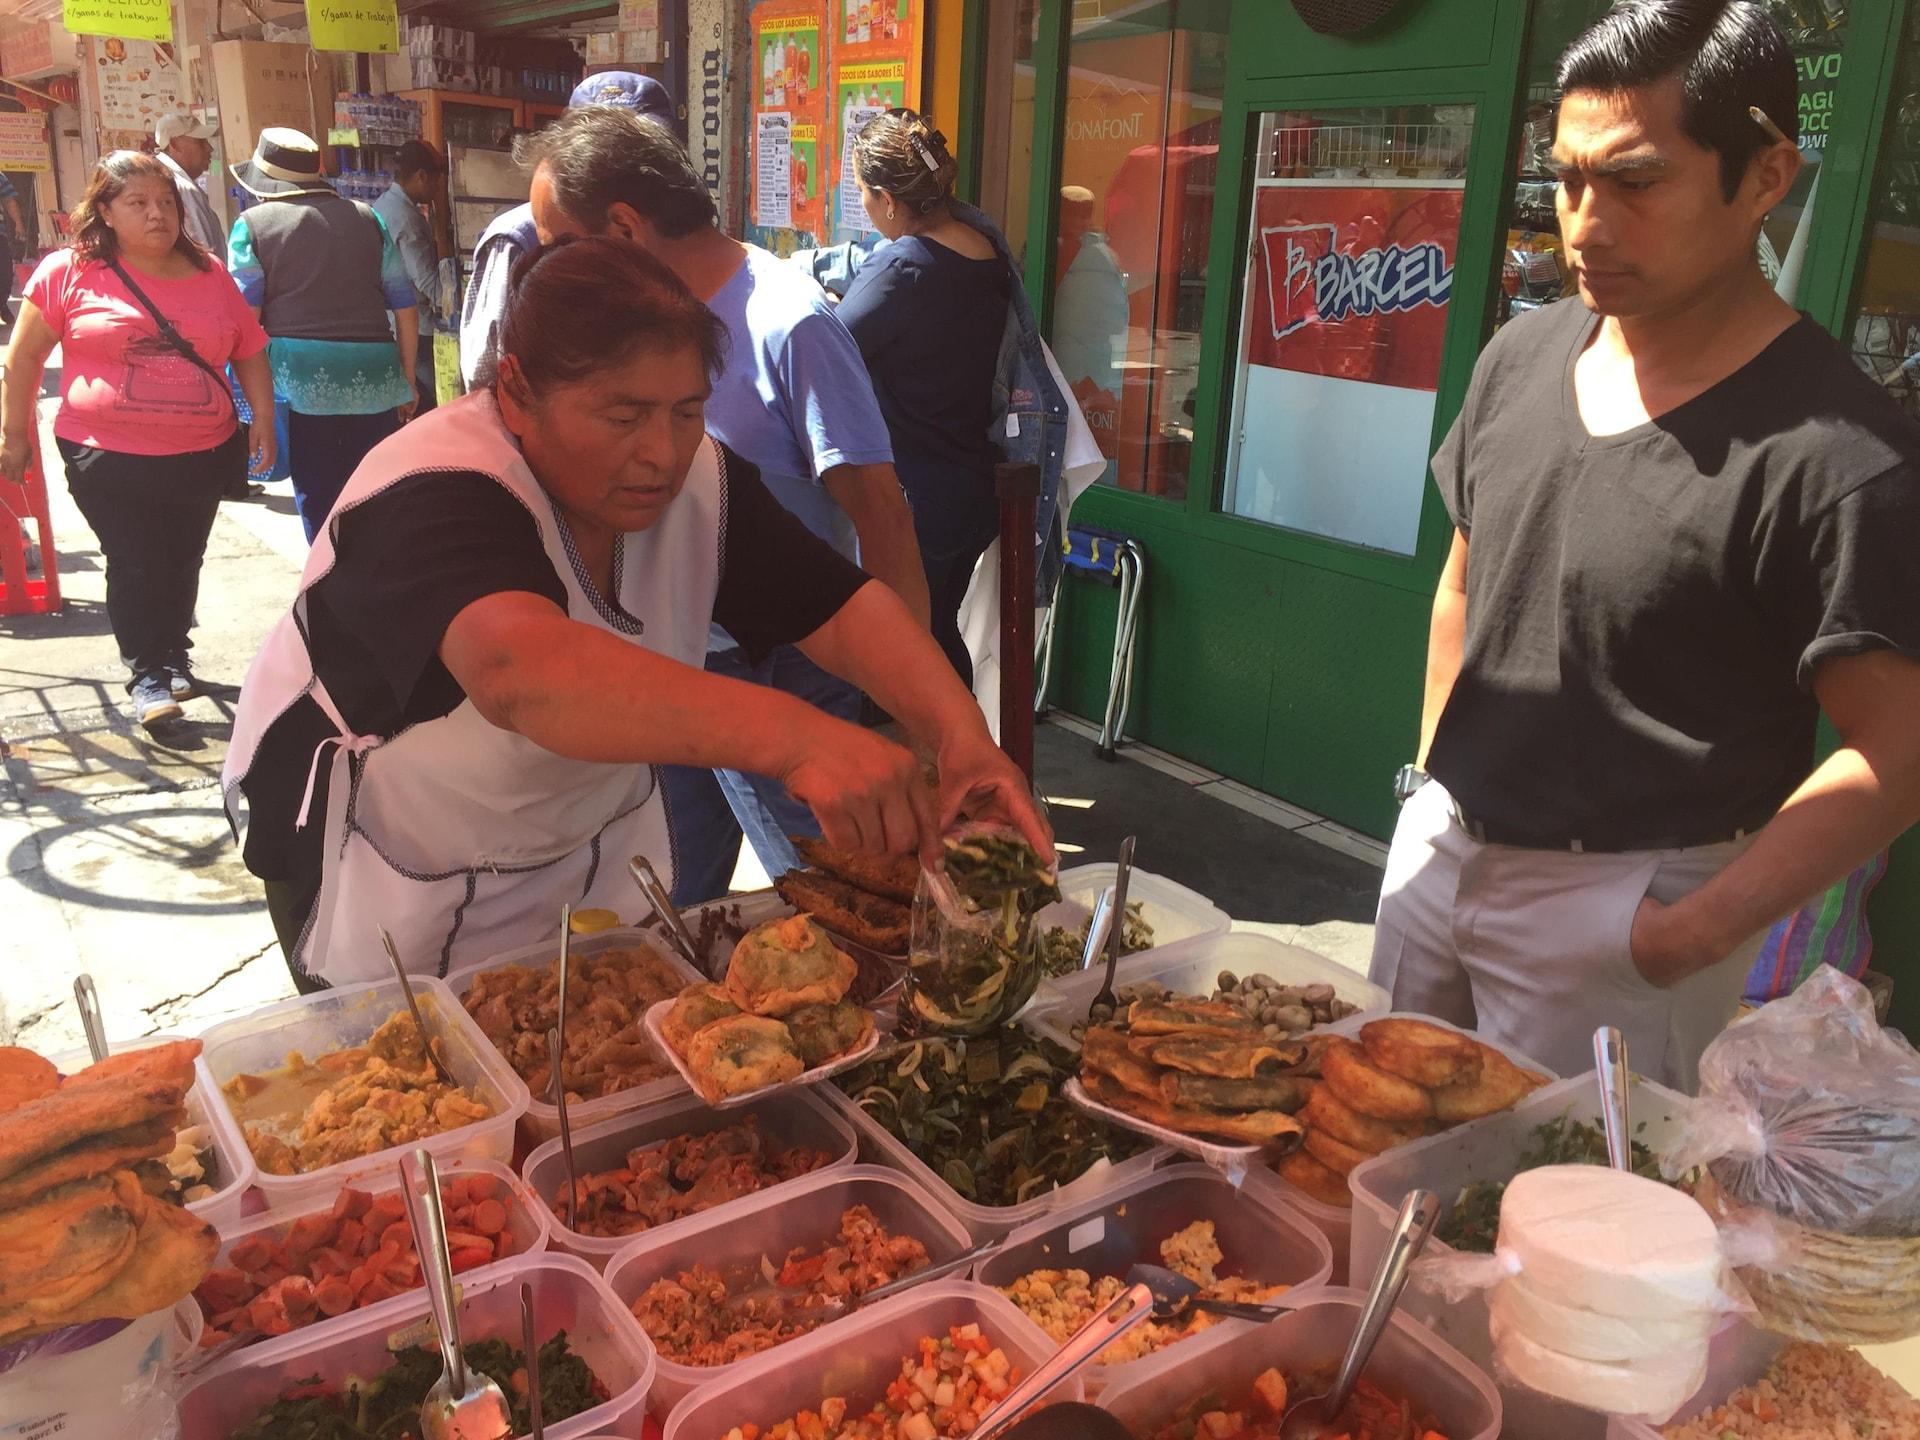 Une marchande sert à manger à un passant.